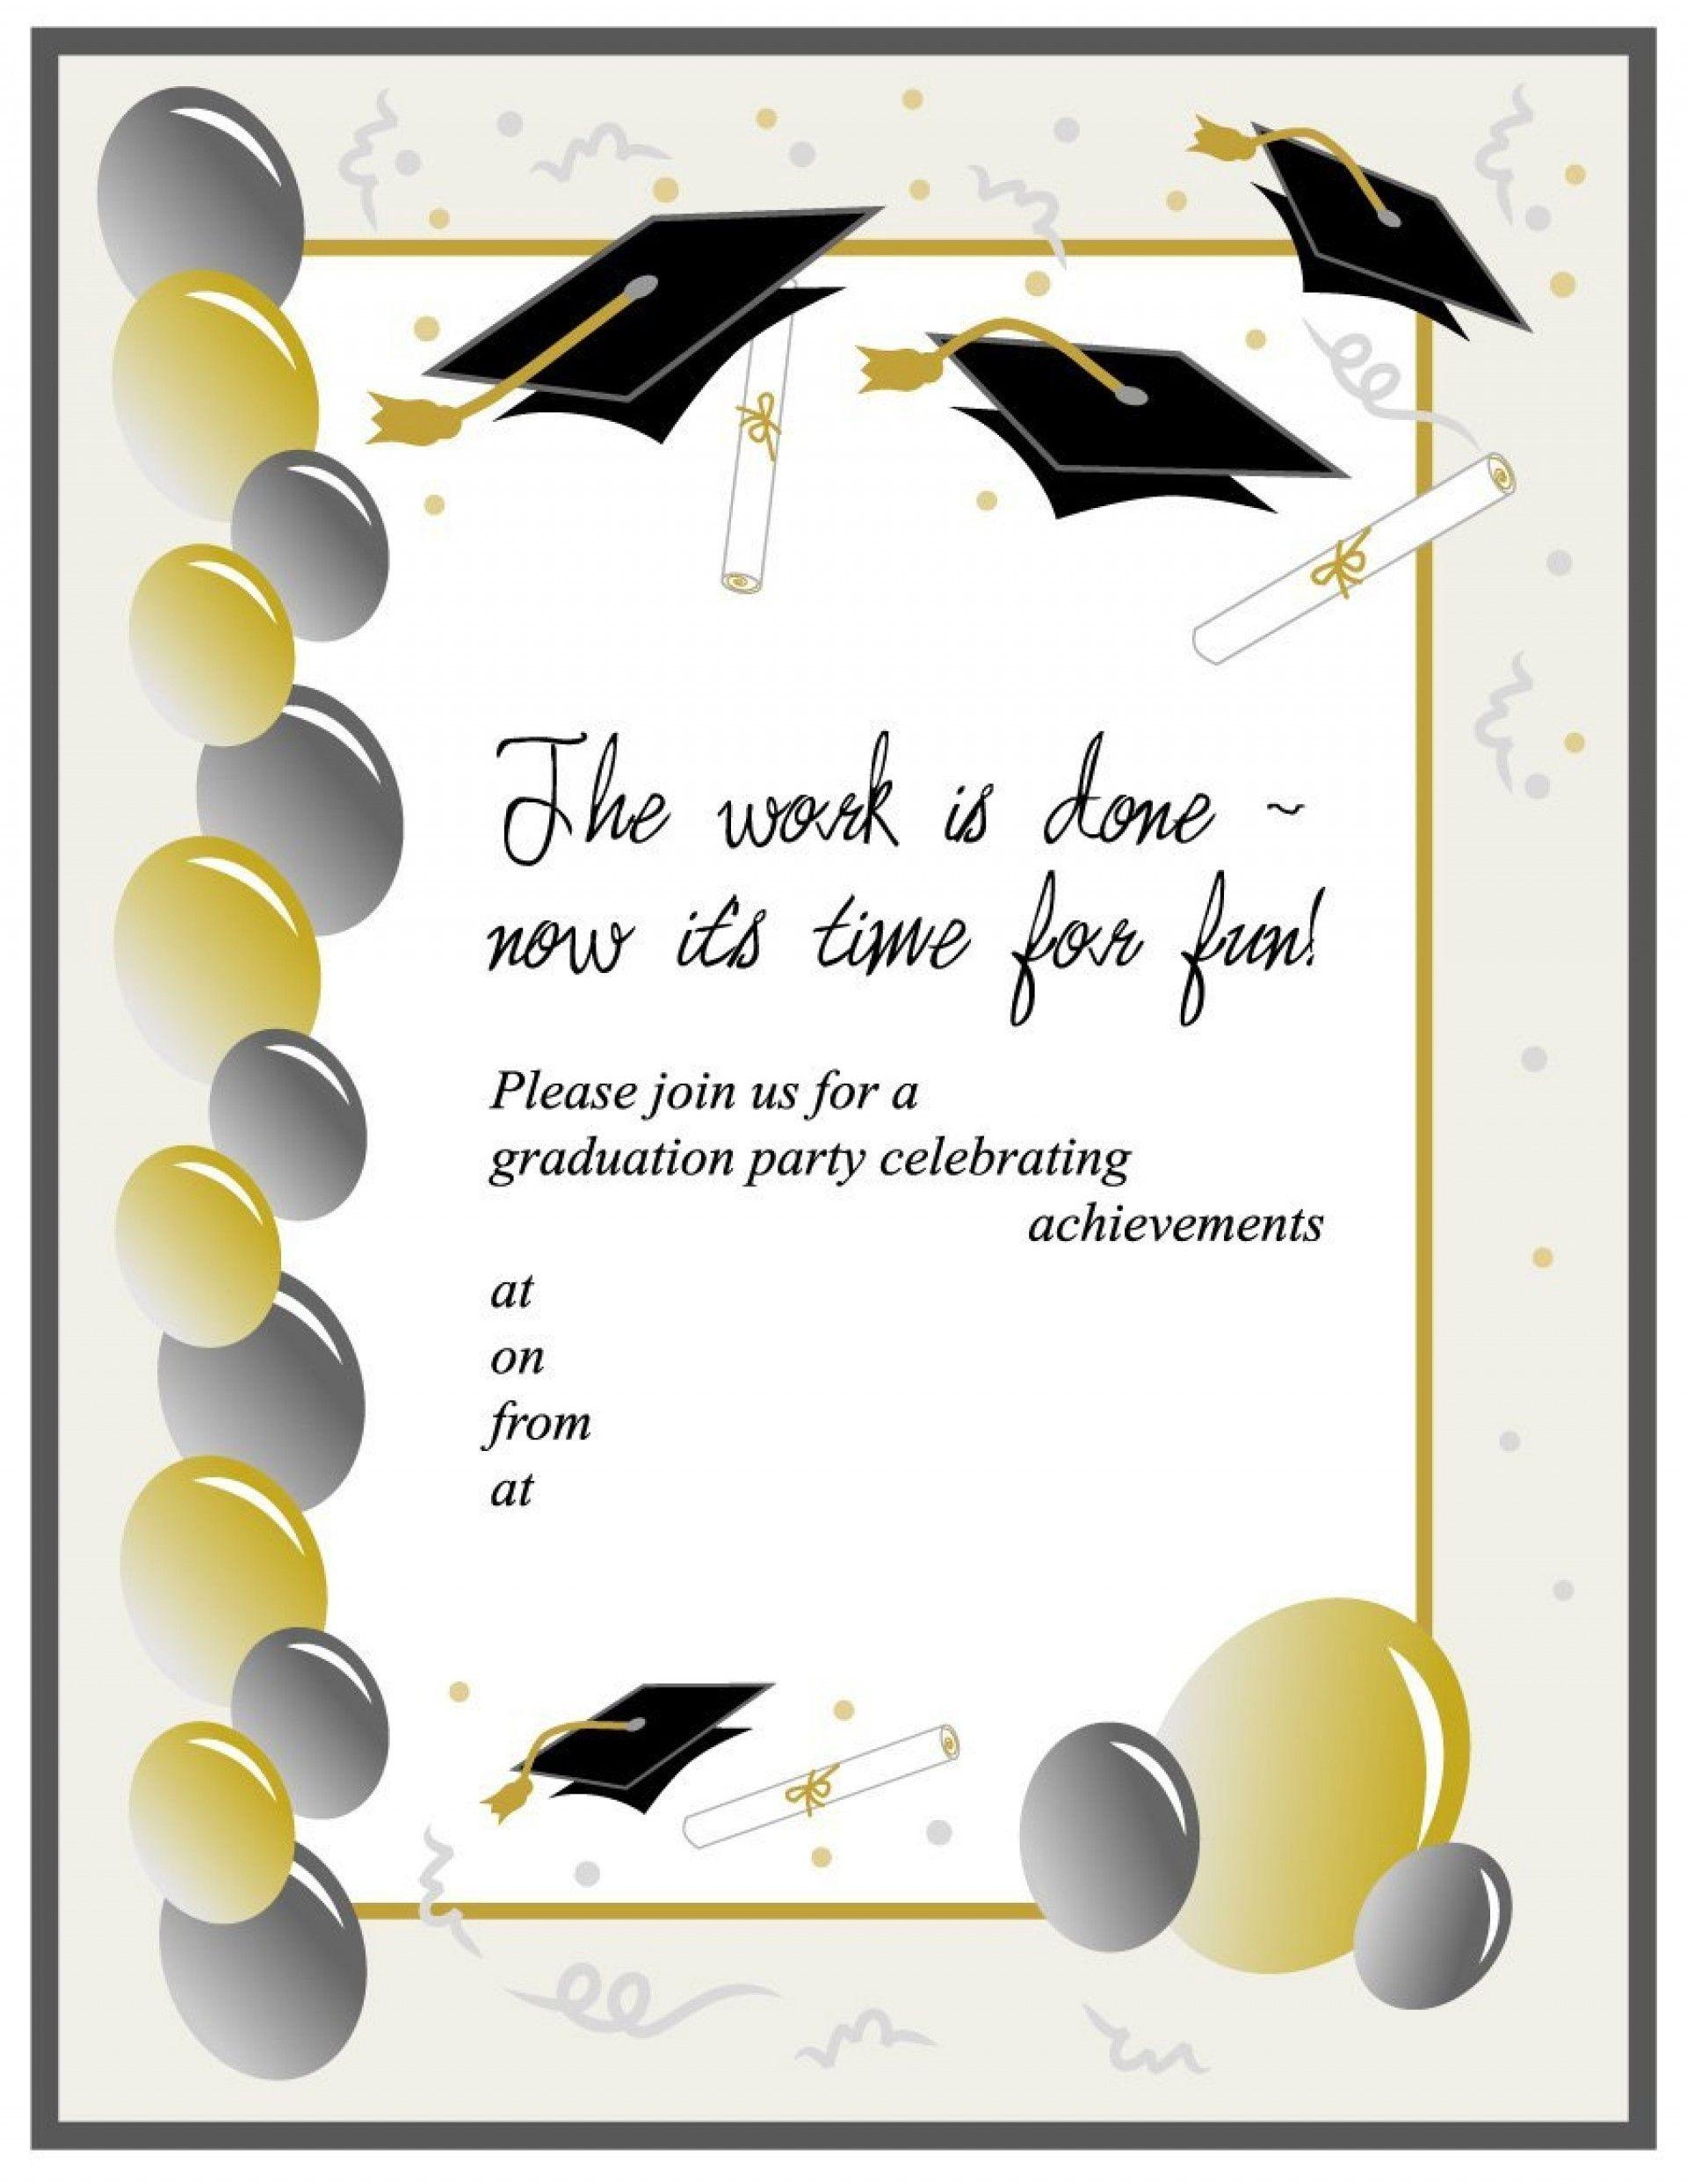 Kindergarten Graduation Invitation Template Free Unique 011 Templa Graduation Invitations Template Graduation Party Invitations Templates Party Invite Template